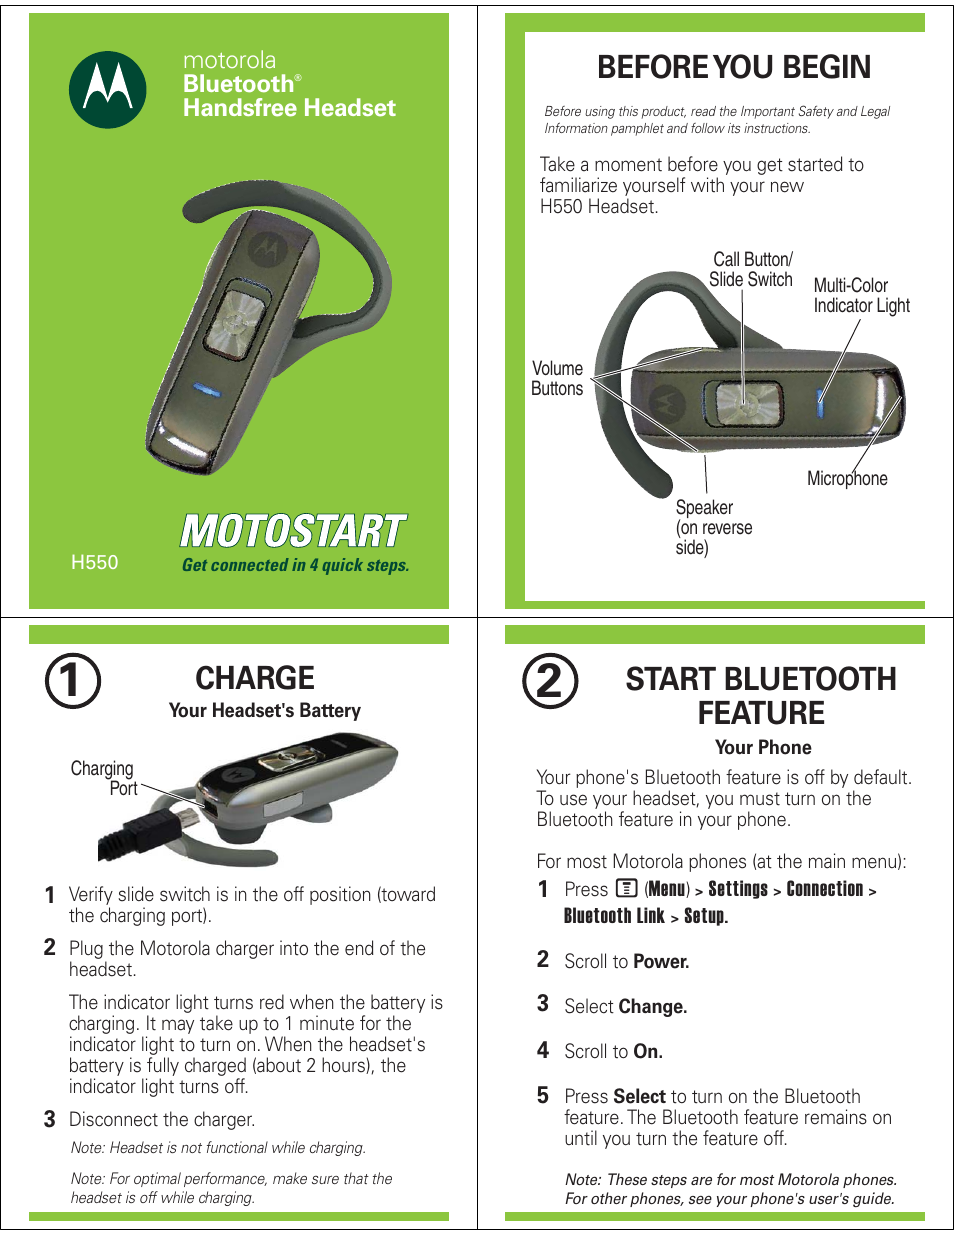 motorola h550 user manual 5 pages rh manualsdir com motorola hx550 bluetooth headset manual Motorola H550 Box